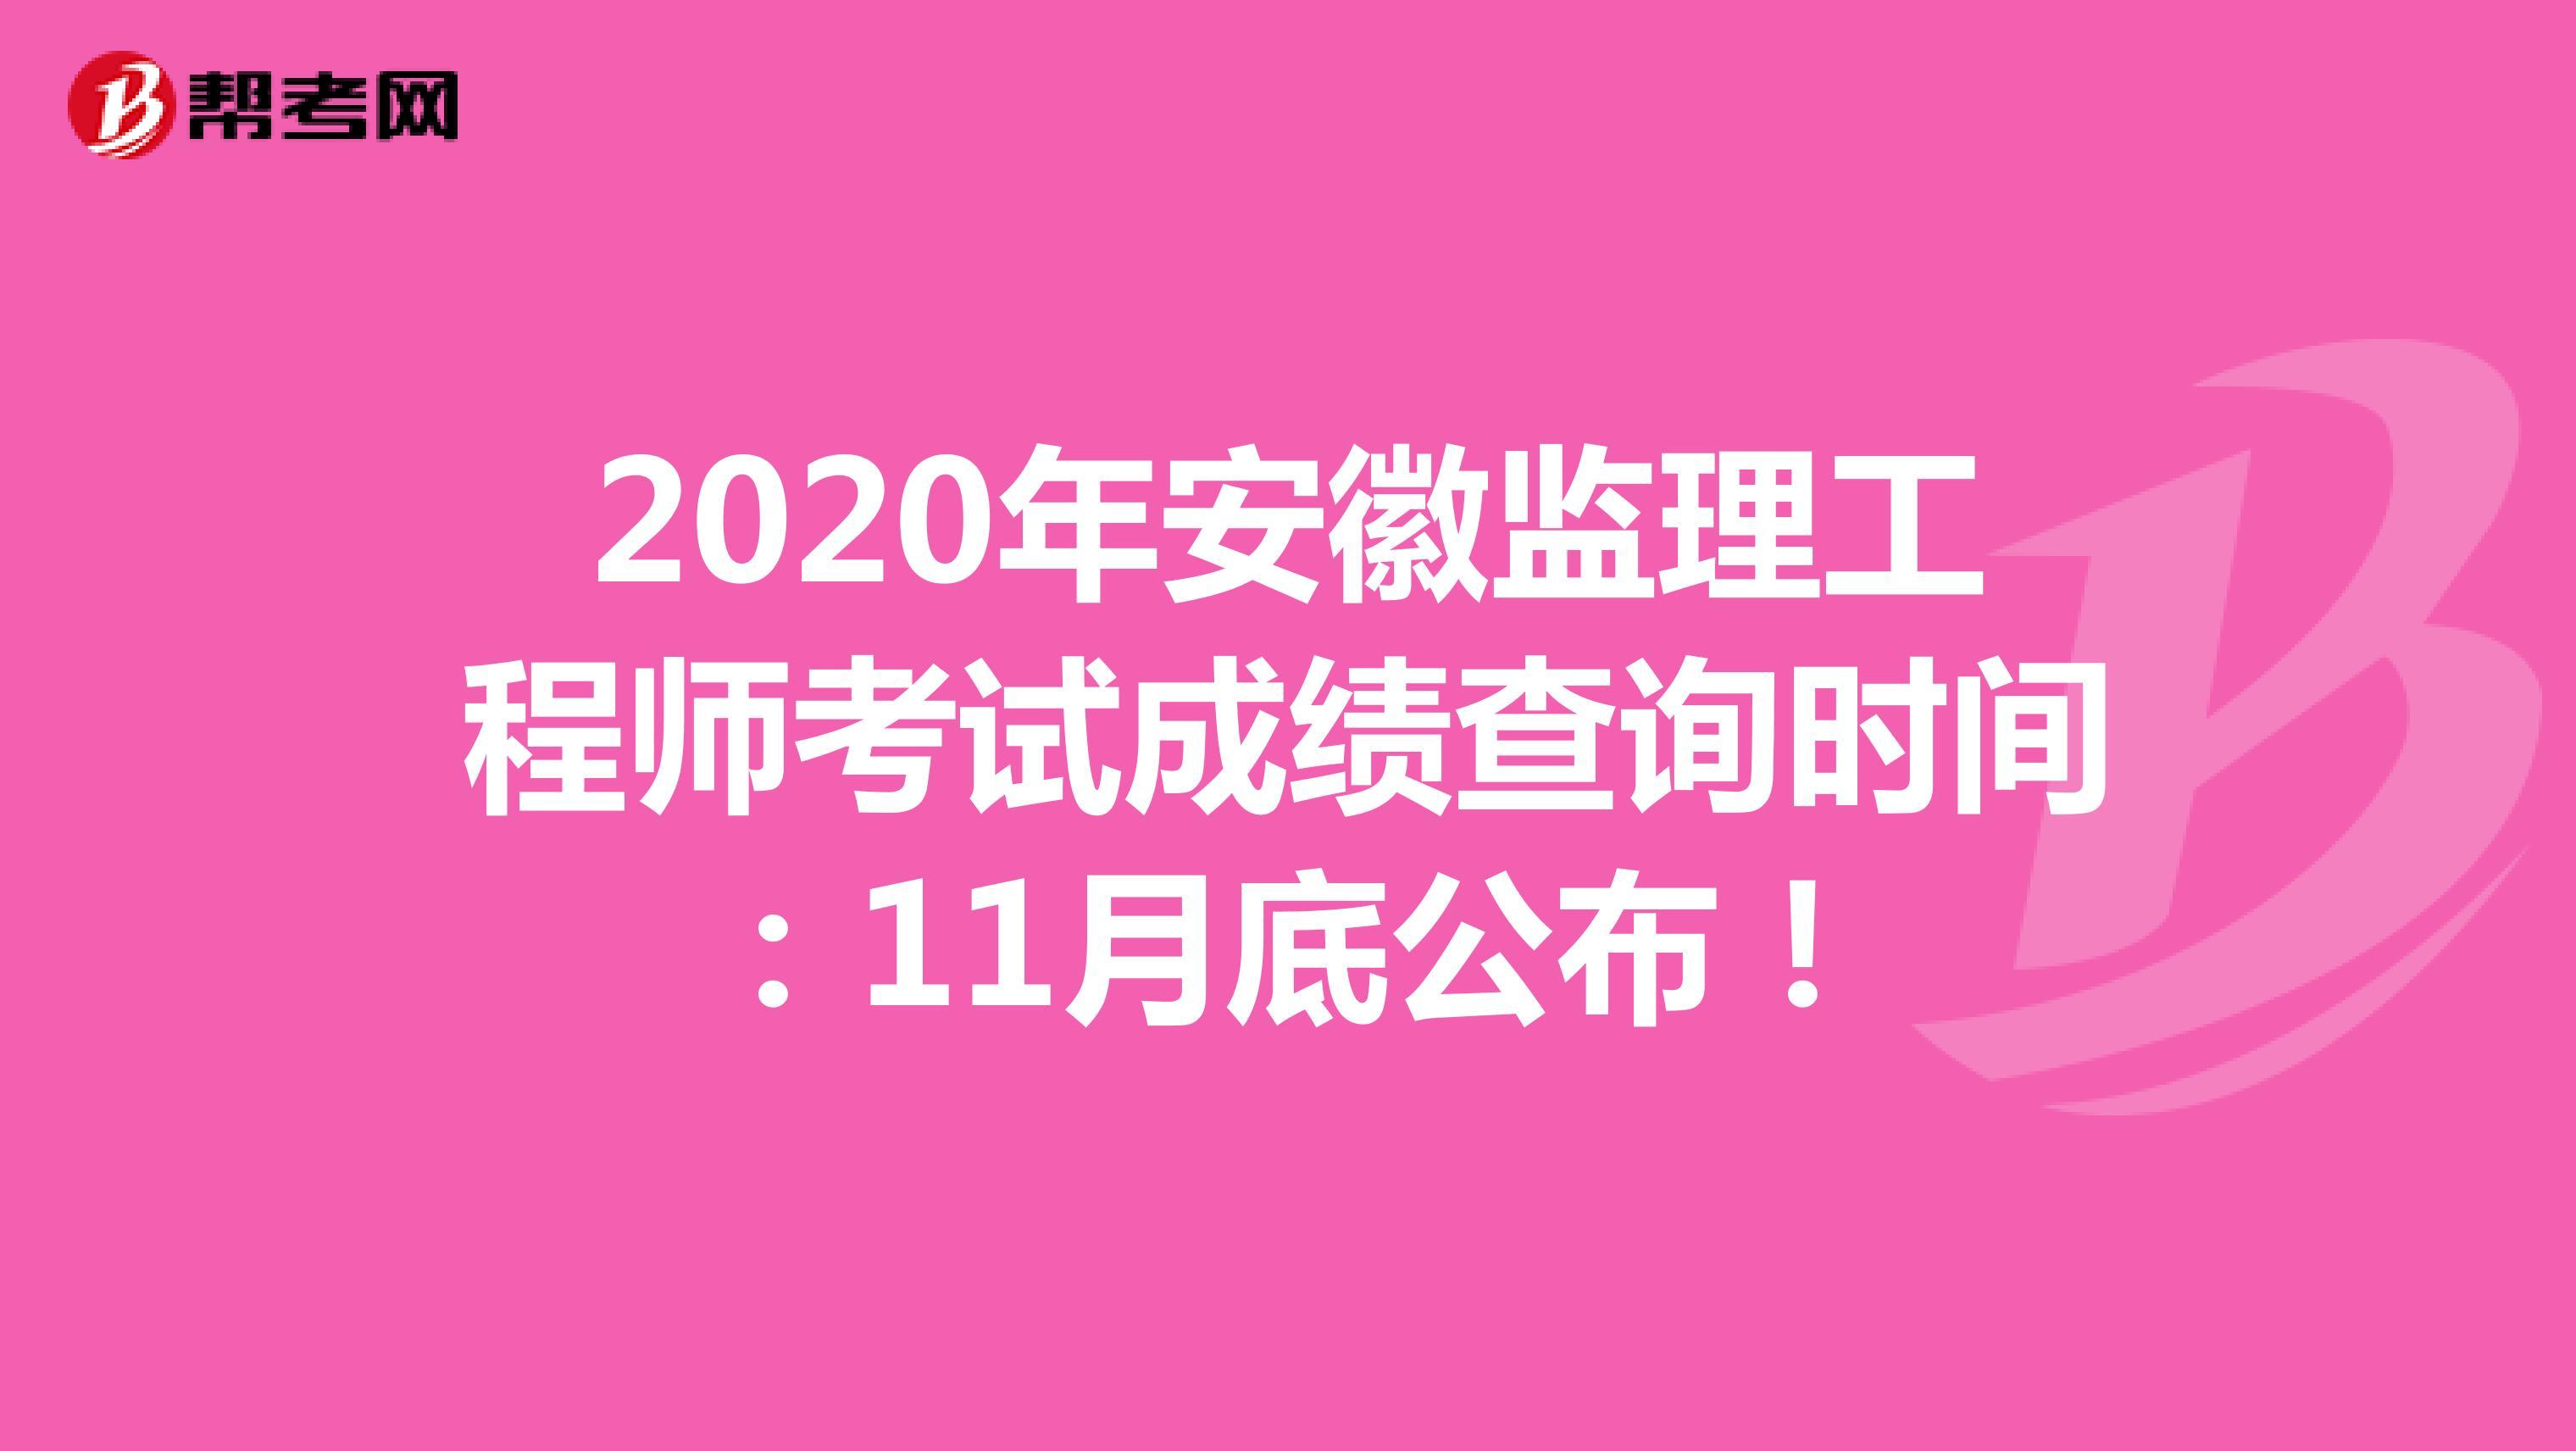 2020年安徽监理工程师考试成绩查询时间:11月底公布!